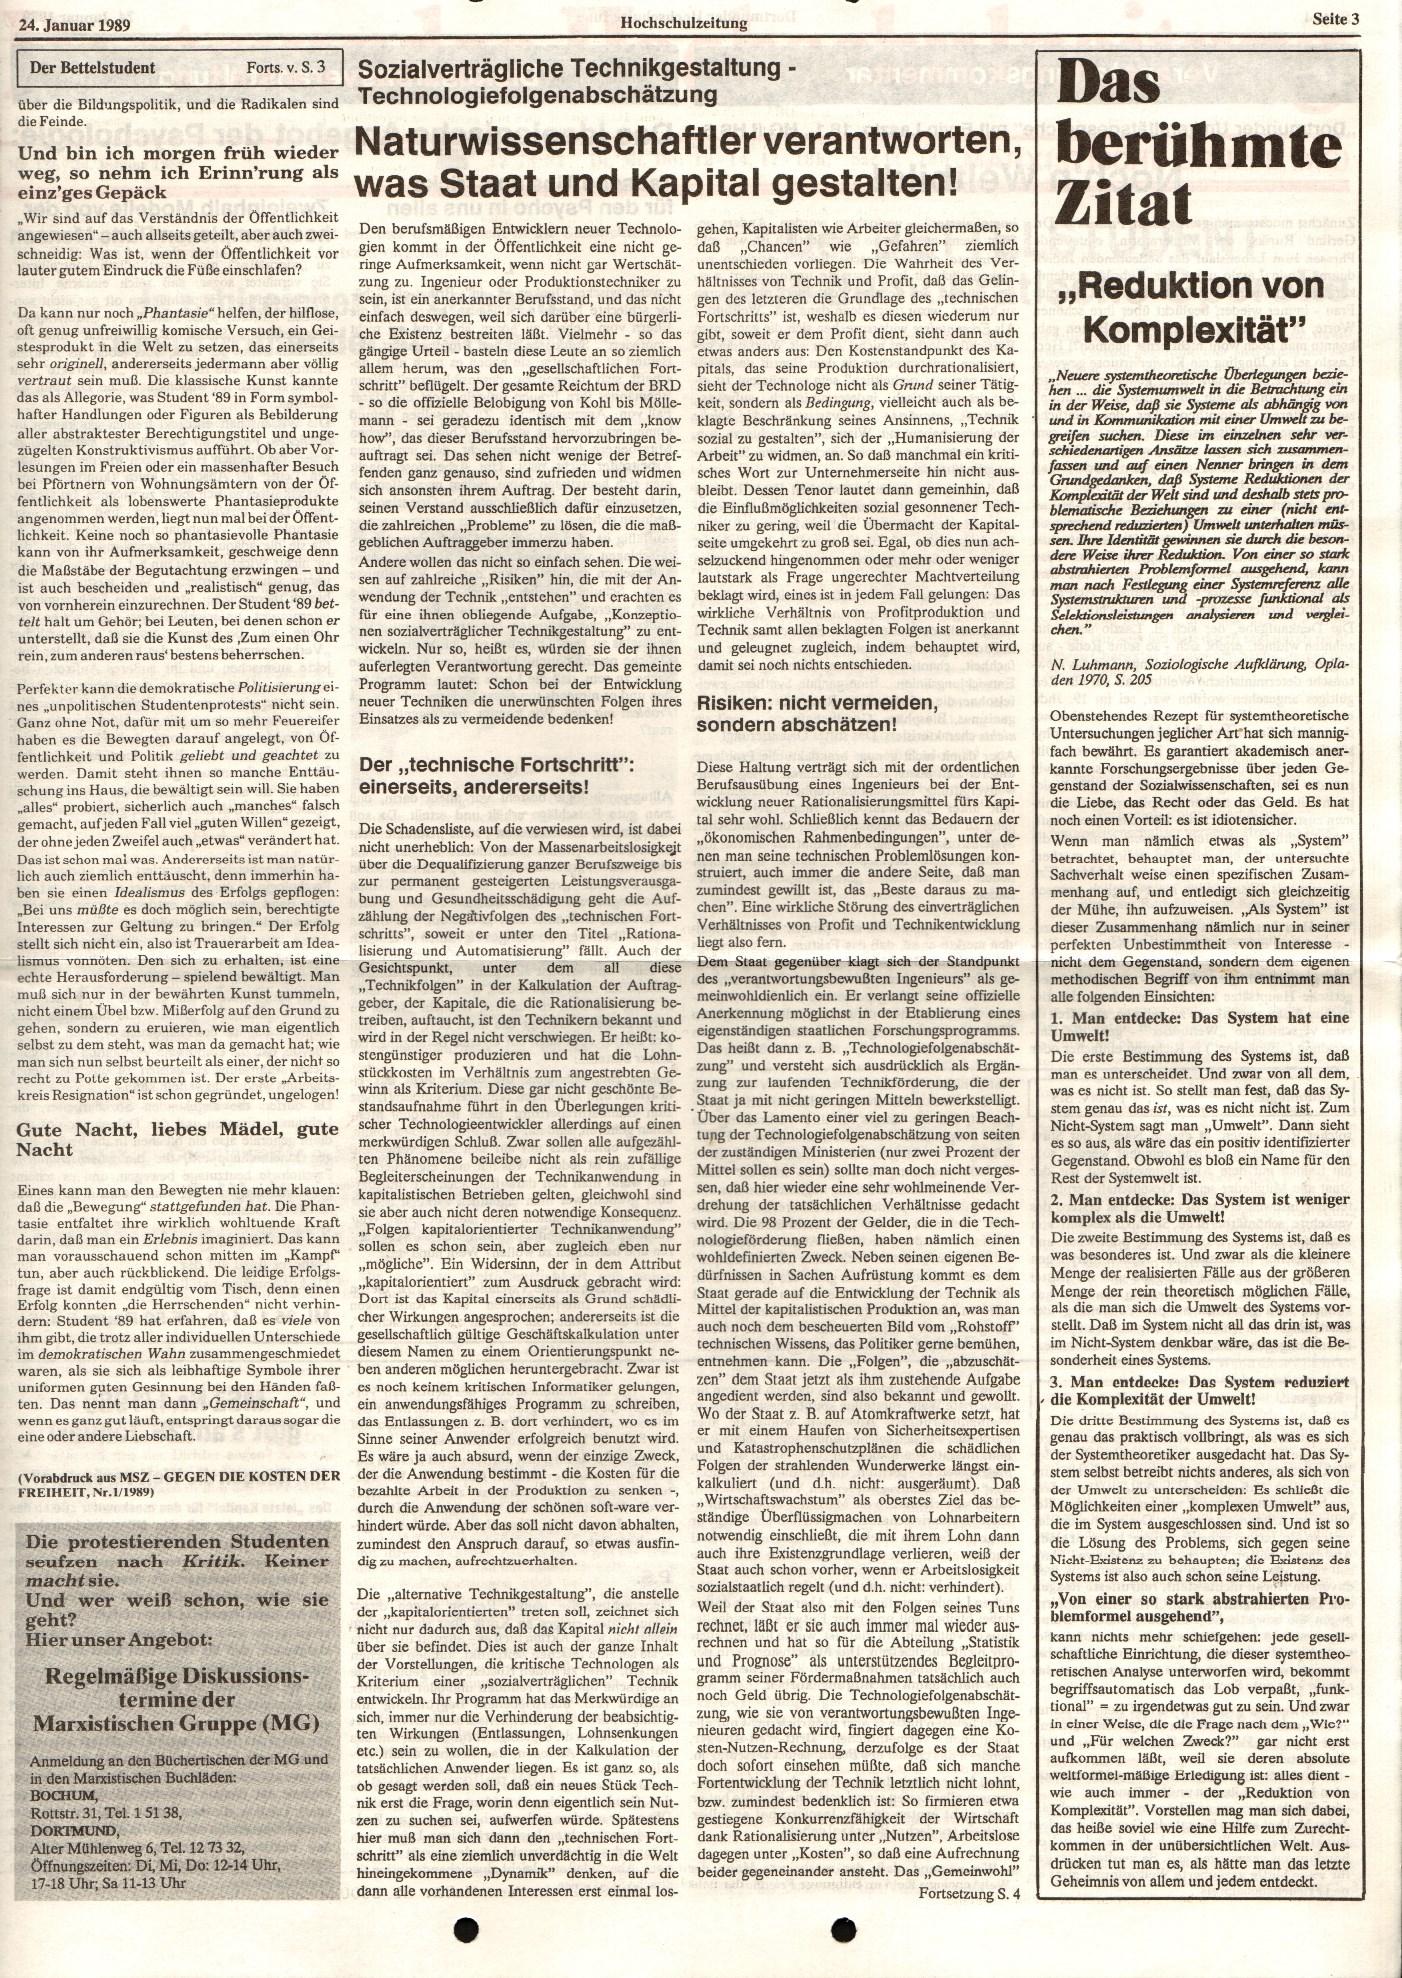 MG_Dortmunder_Hochschulzeitung_19890124_03